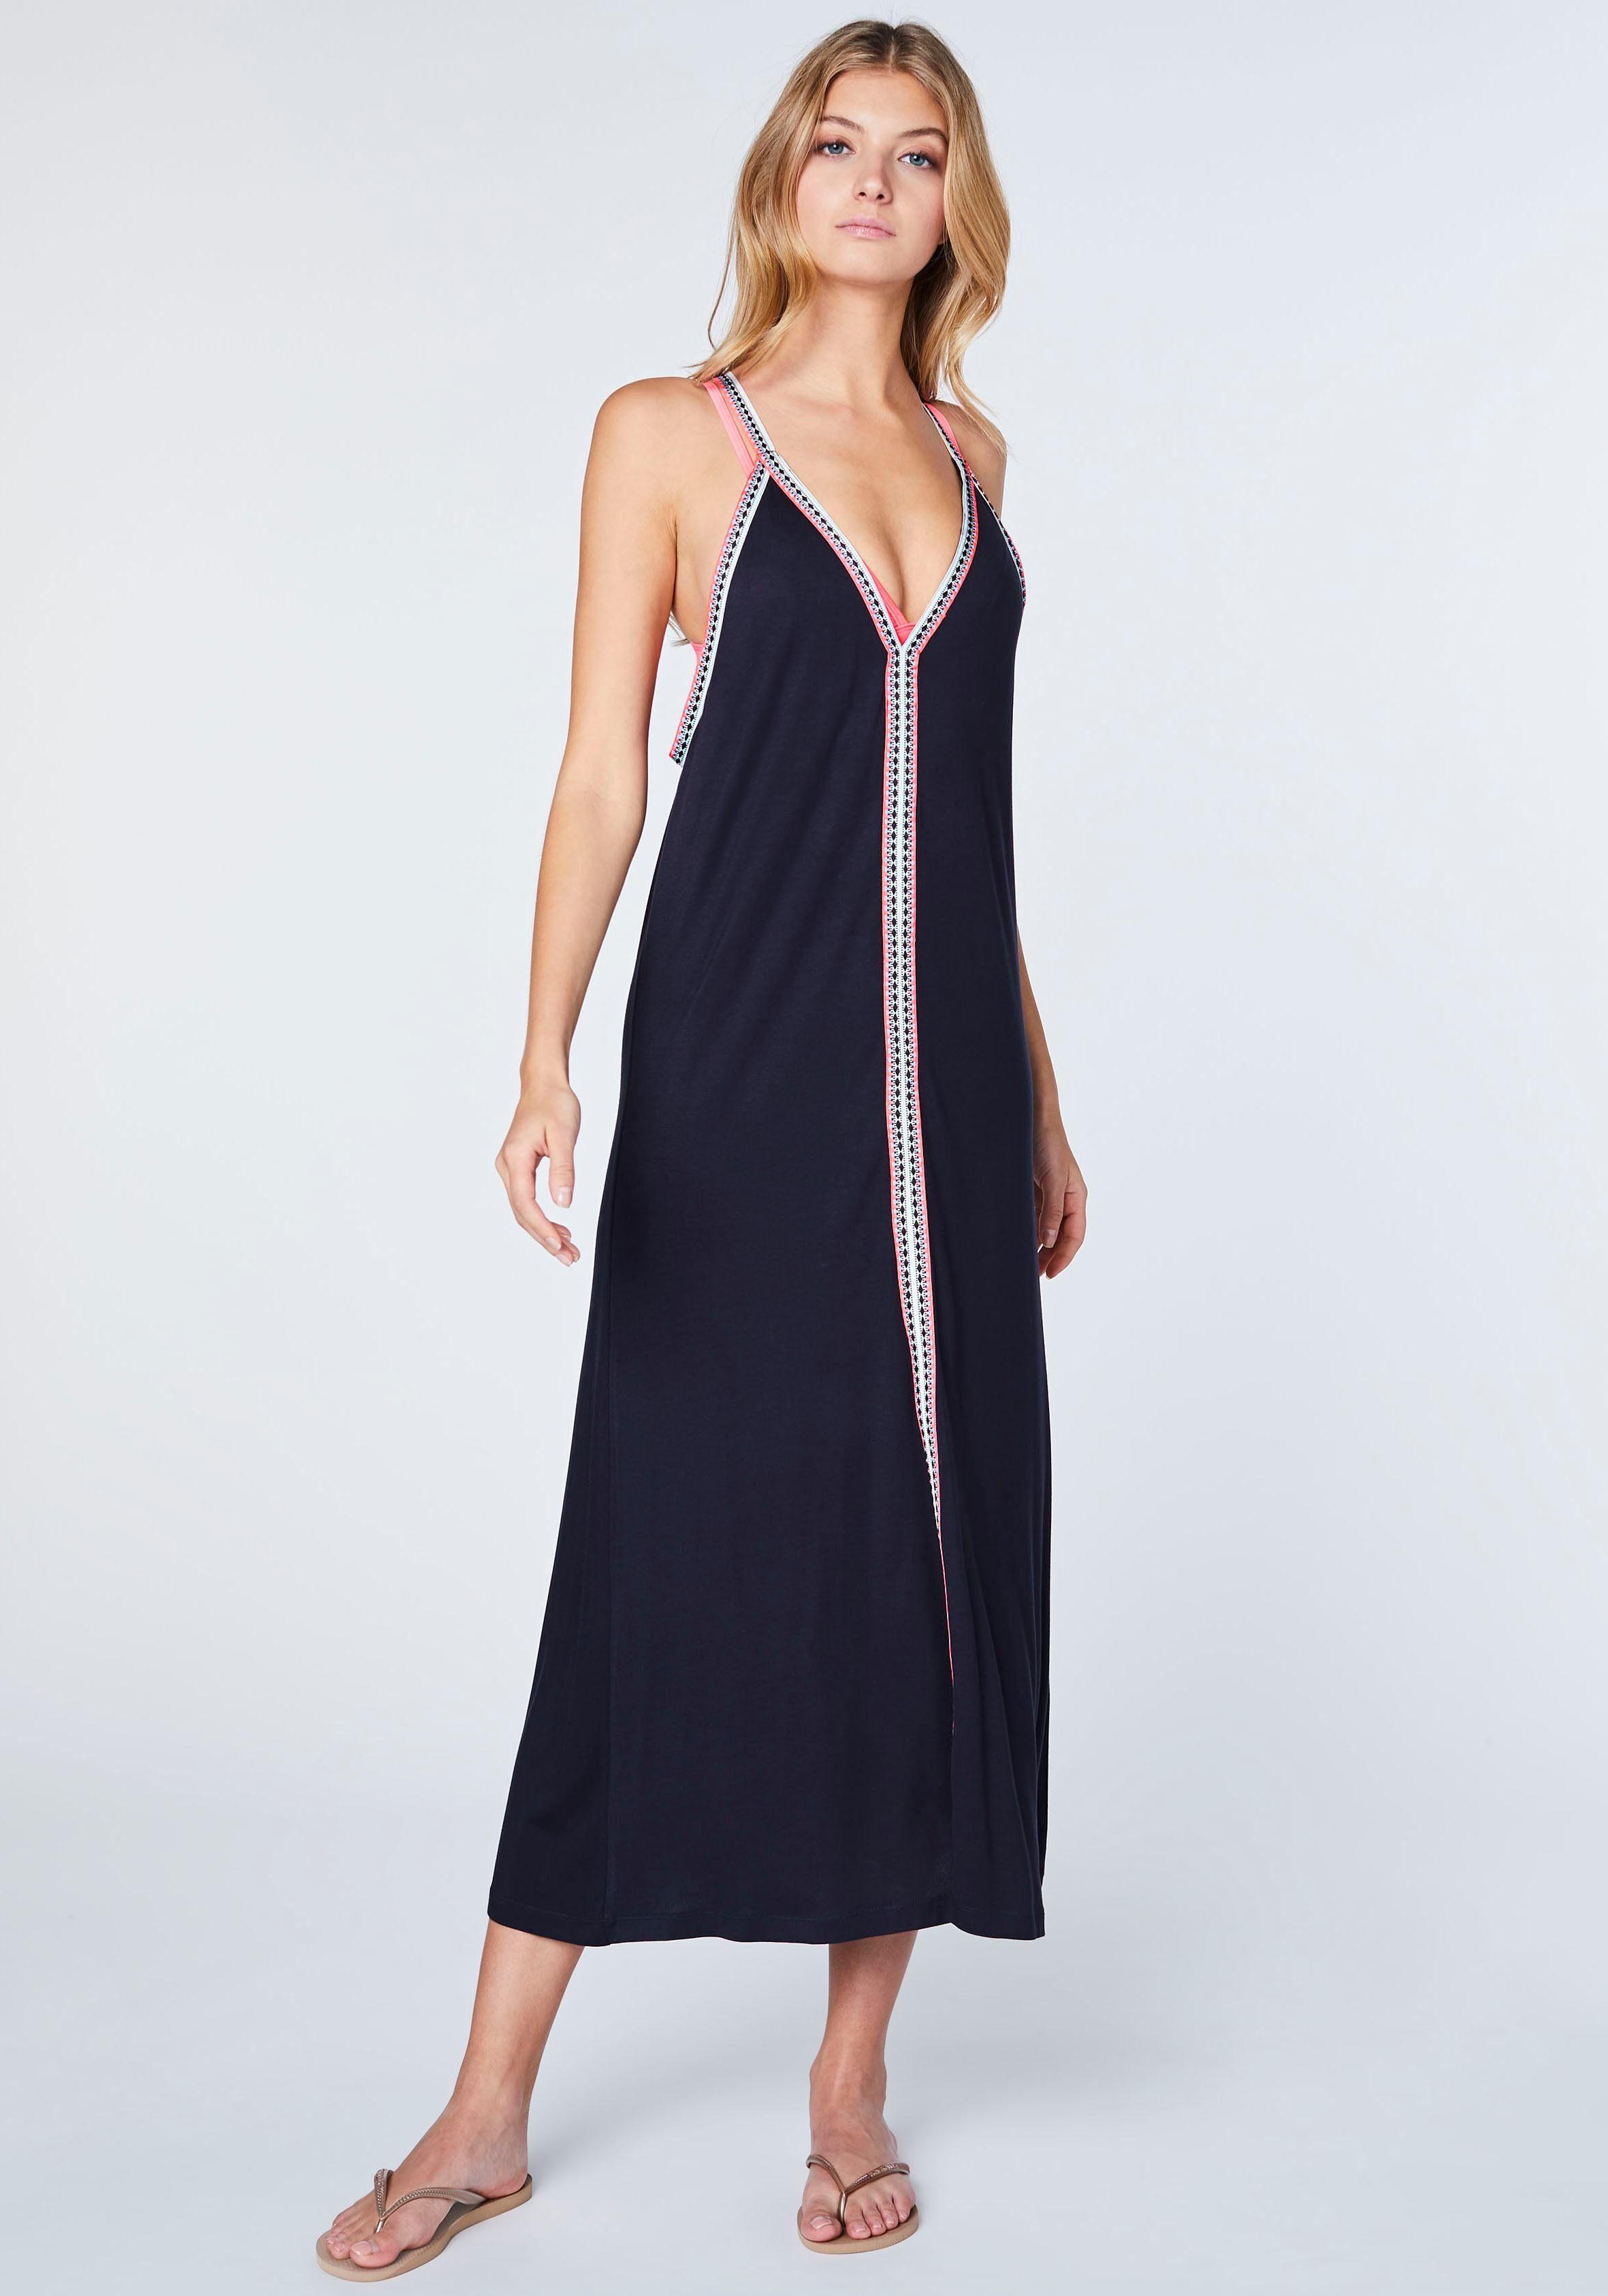 Chiemsee Maxikleid Damenmode/Bekleidung/Kleider/Maxikleider